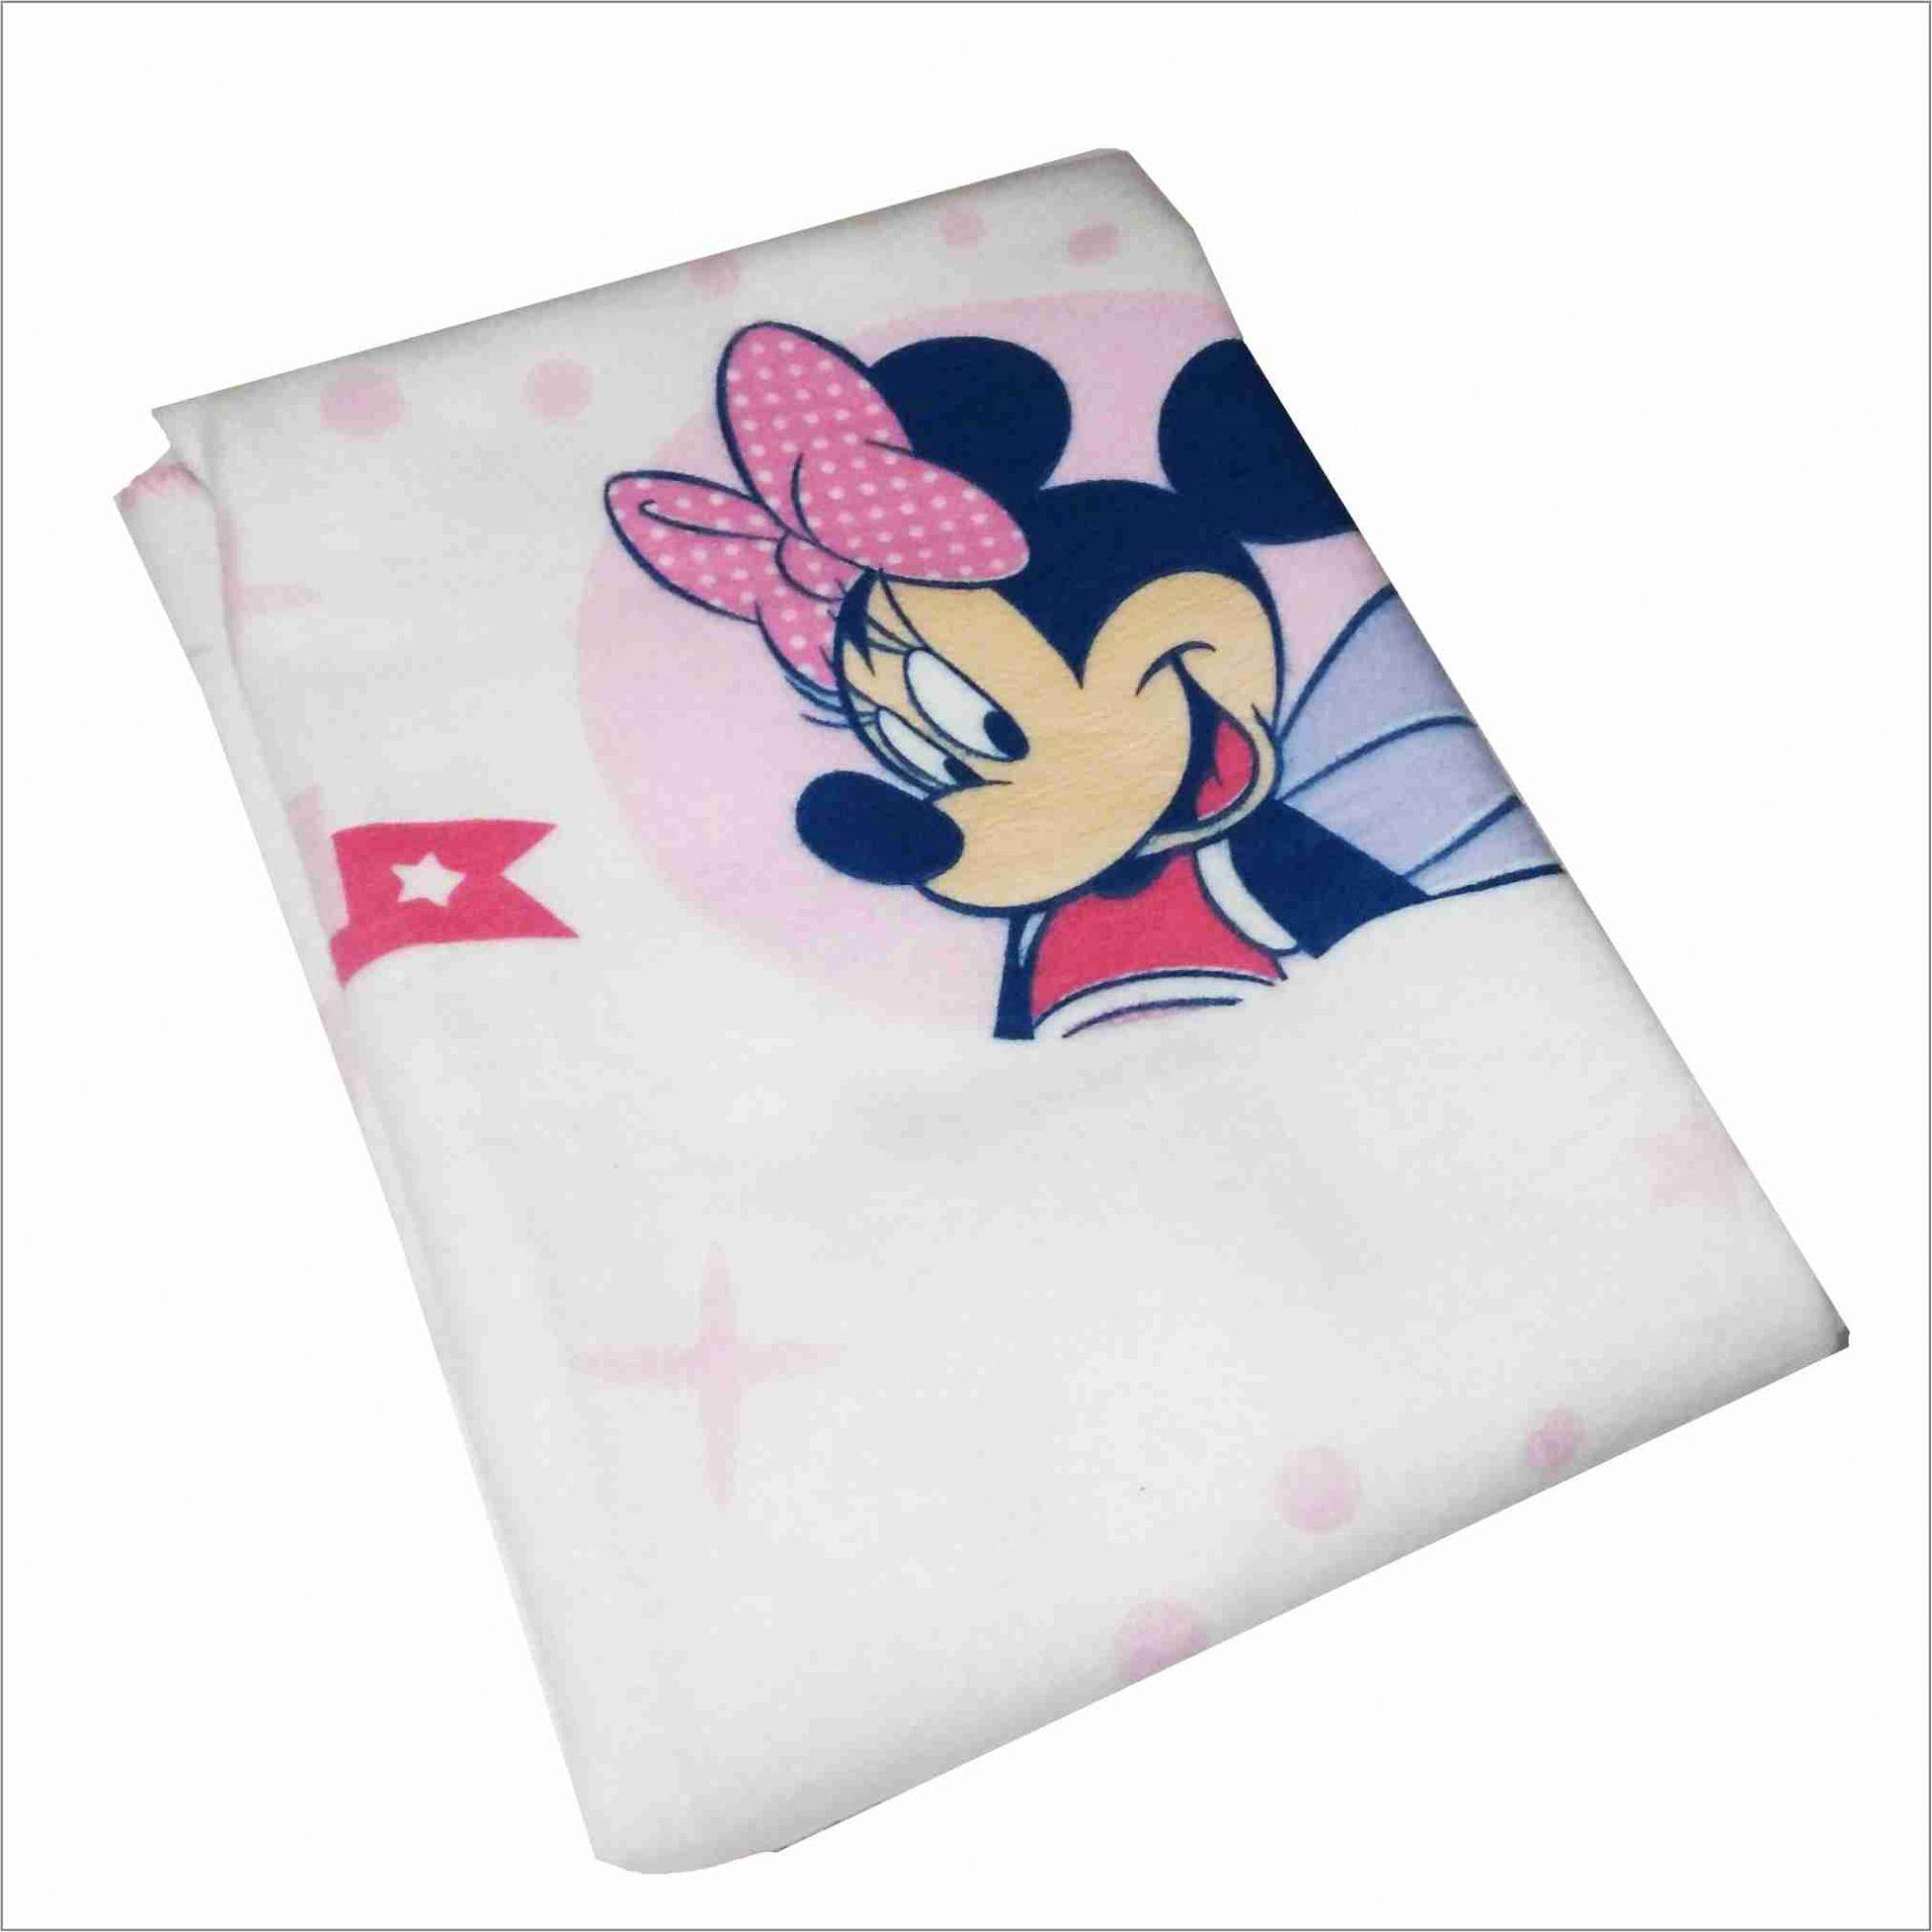 Cobertor Minnie Baby 100% Algodão Disney